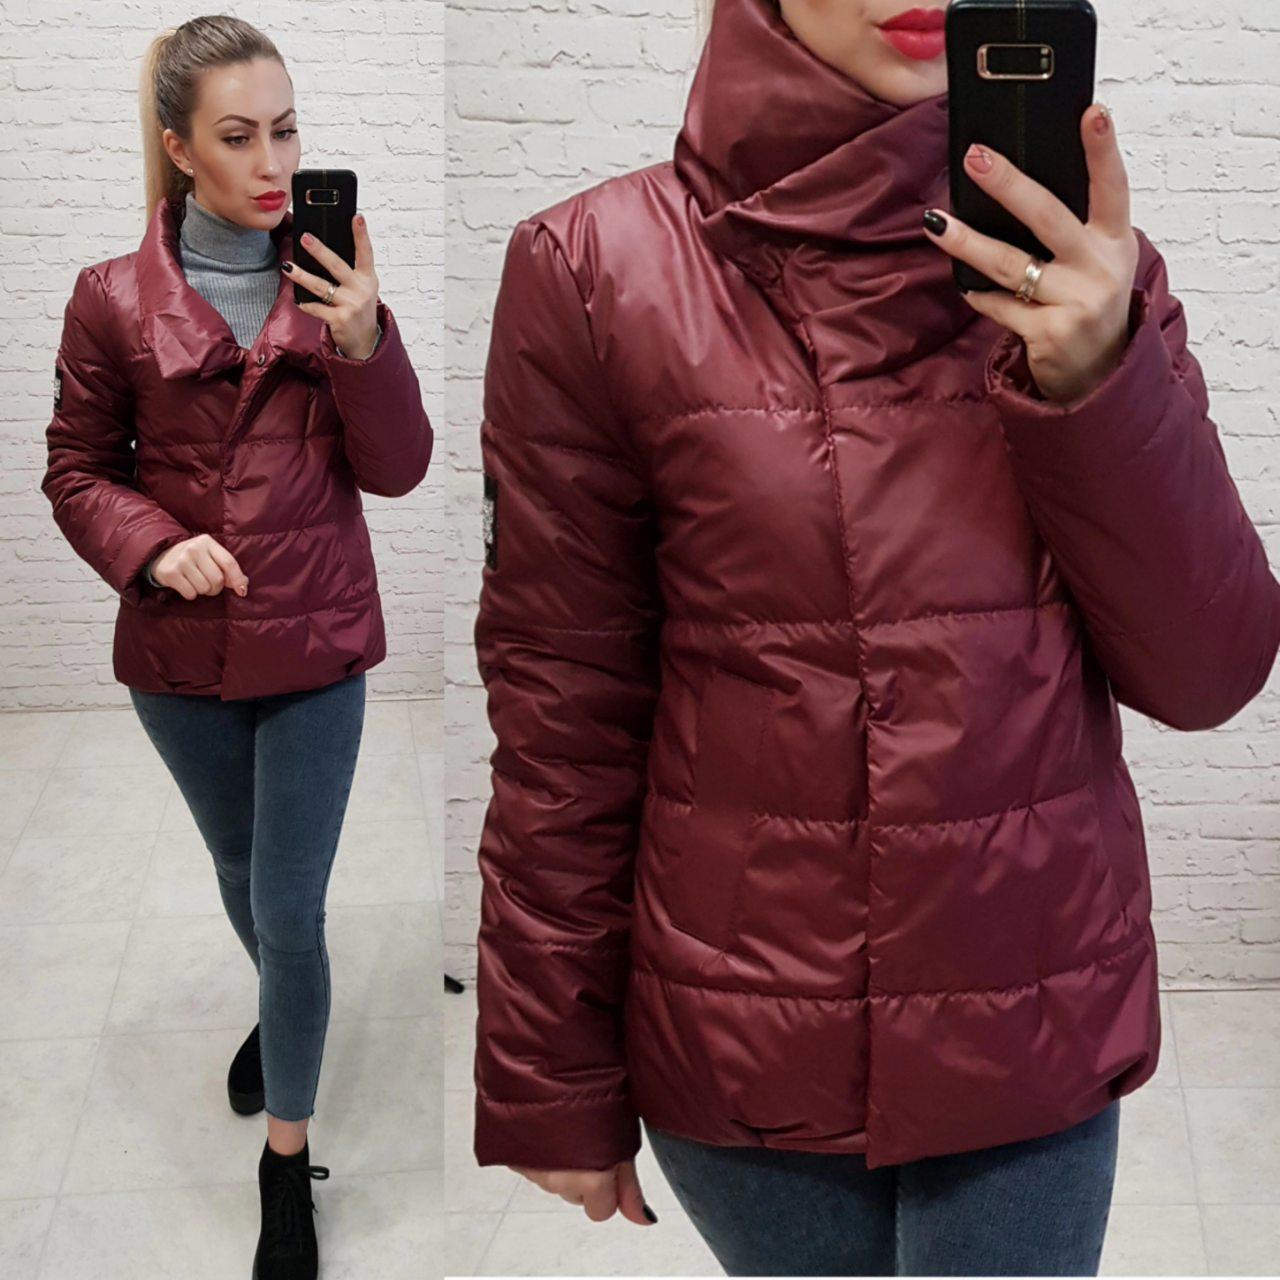 Куртка весна/осень, плащевка лак, модель 1004, цвет - бордо